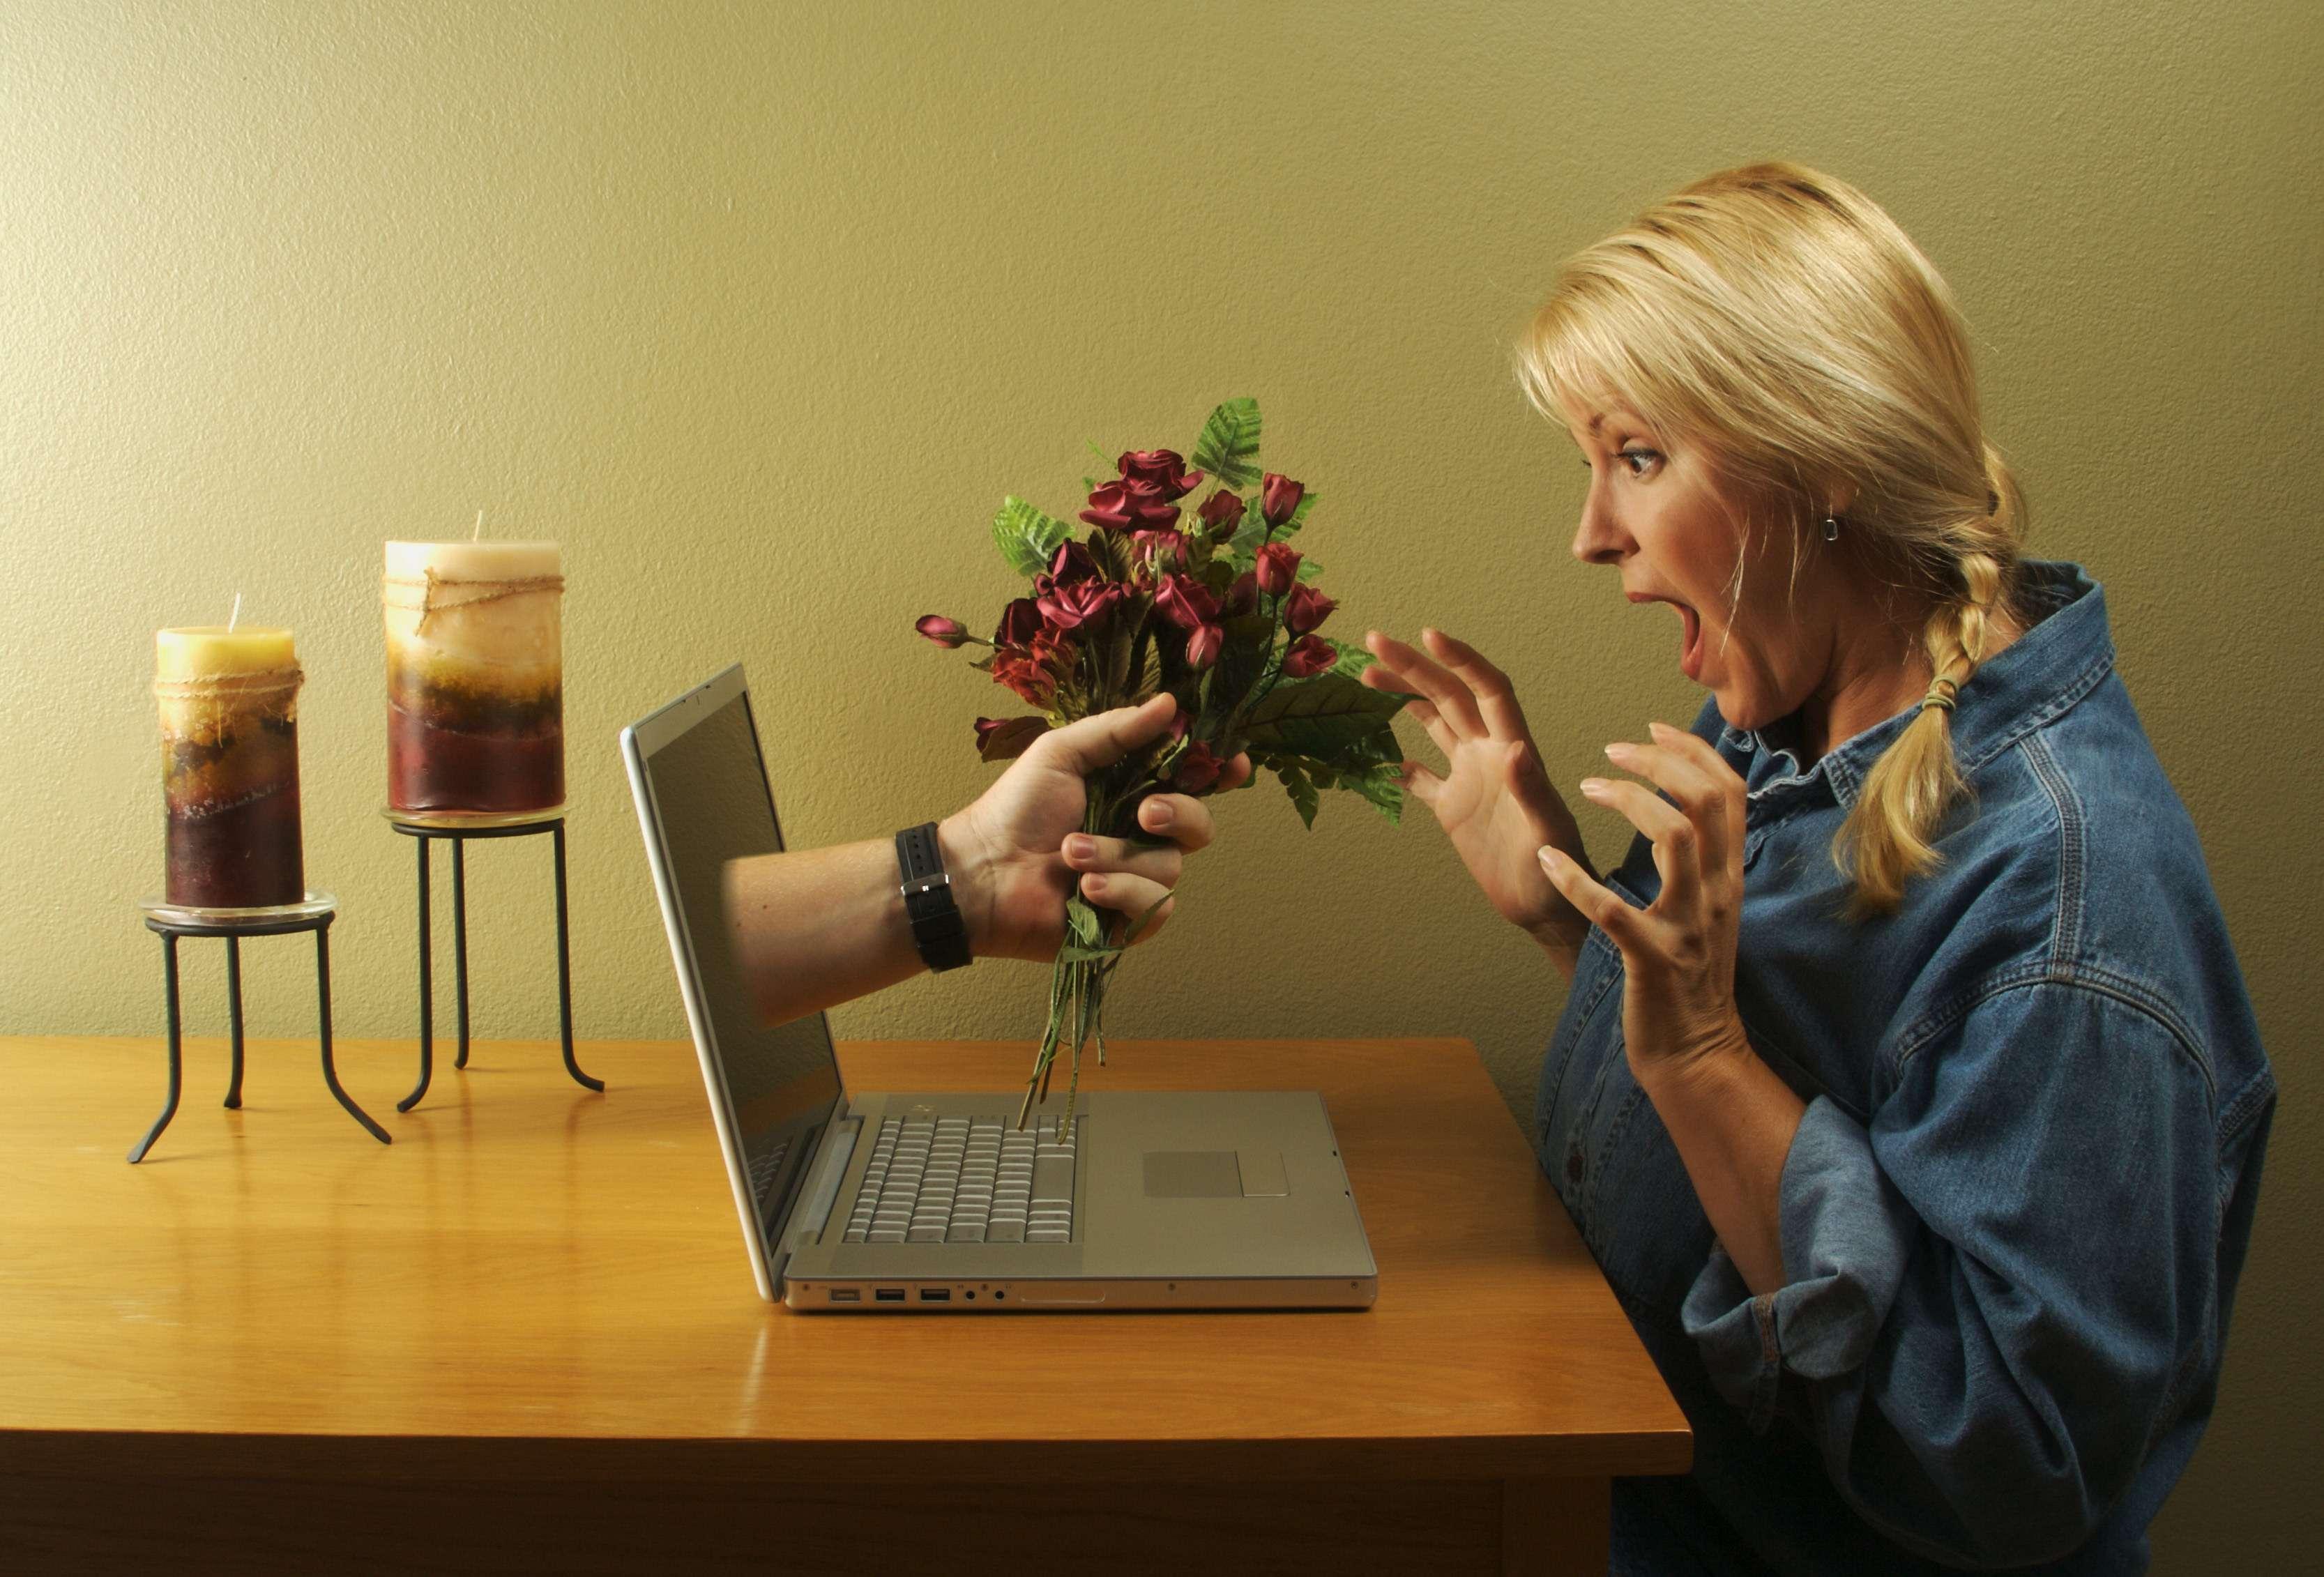 online dating σανγκαμπουνιόνε καλύτερο site γνωριμιών για τους επαγγελματίες των επιχειρήσεων